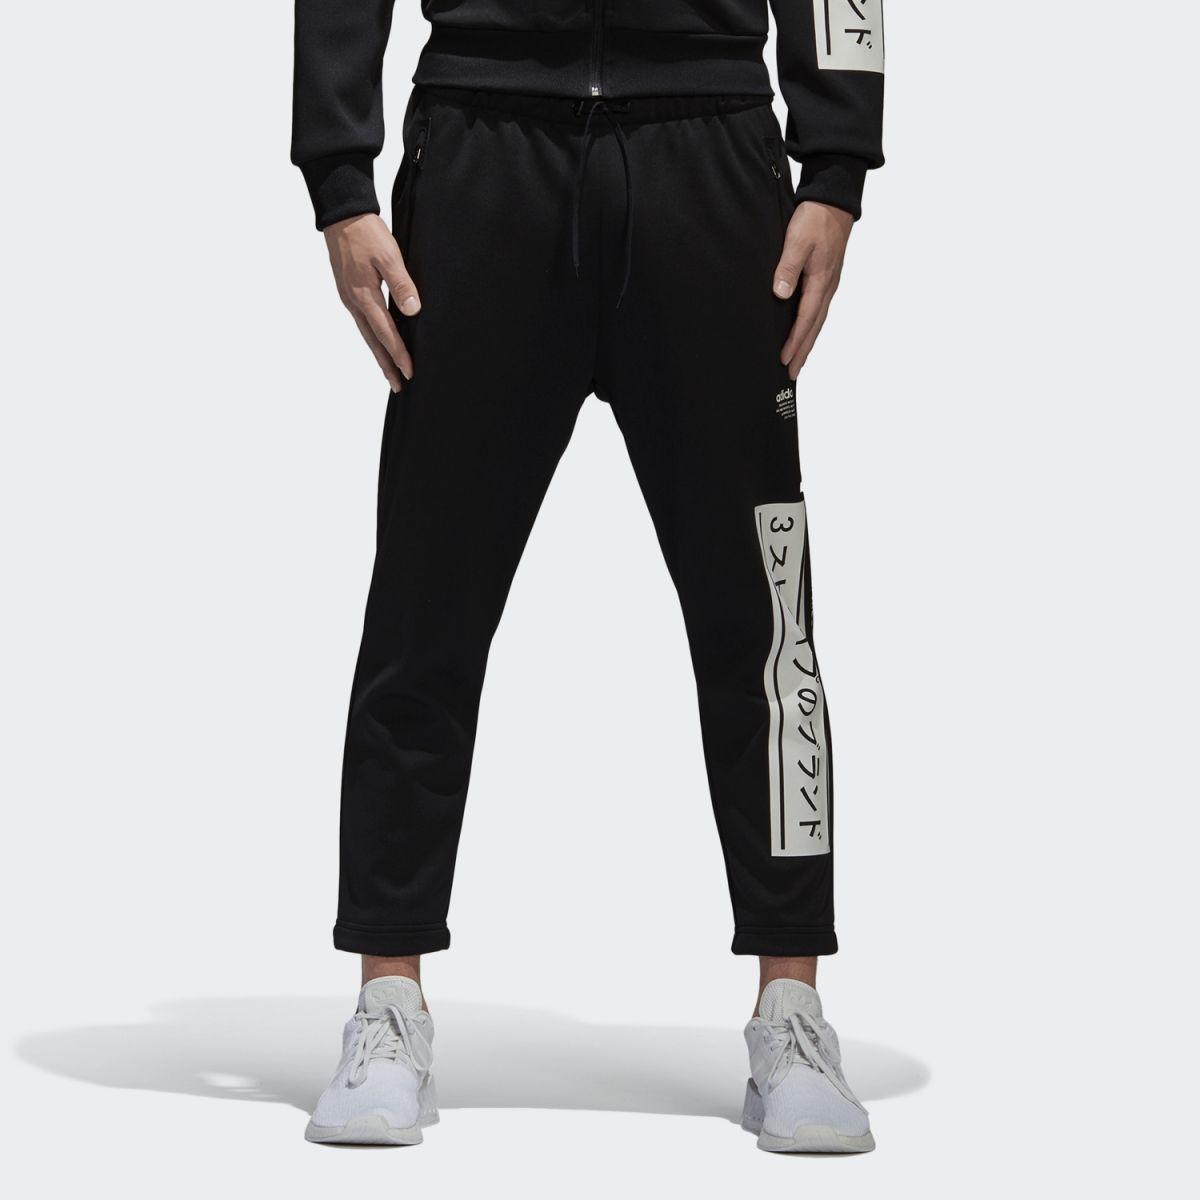 Type Pants adidas Originals NMD D TP Q4 Track Pants